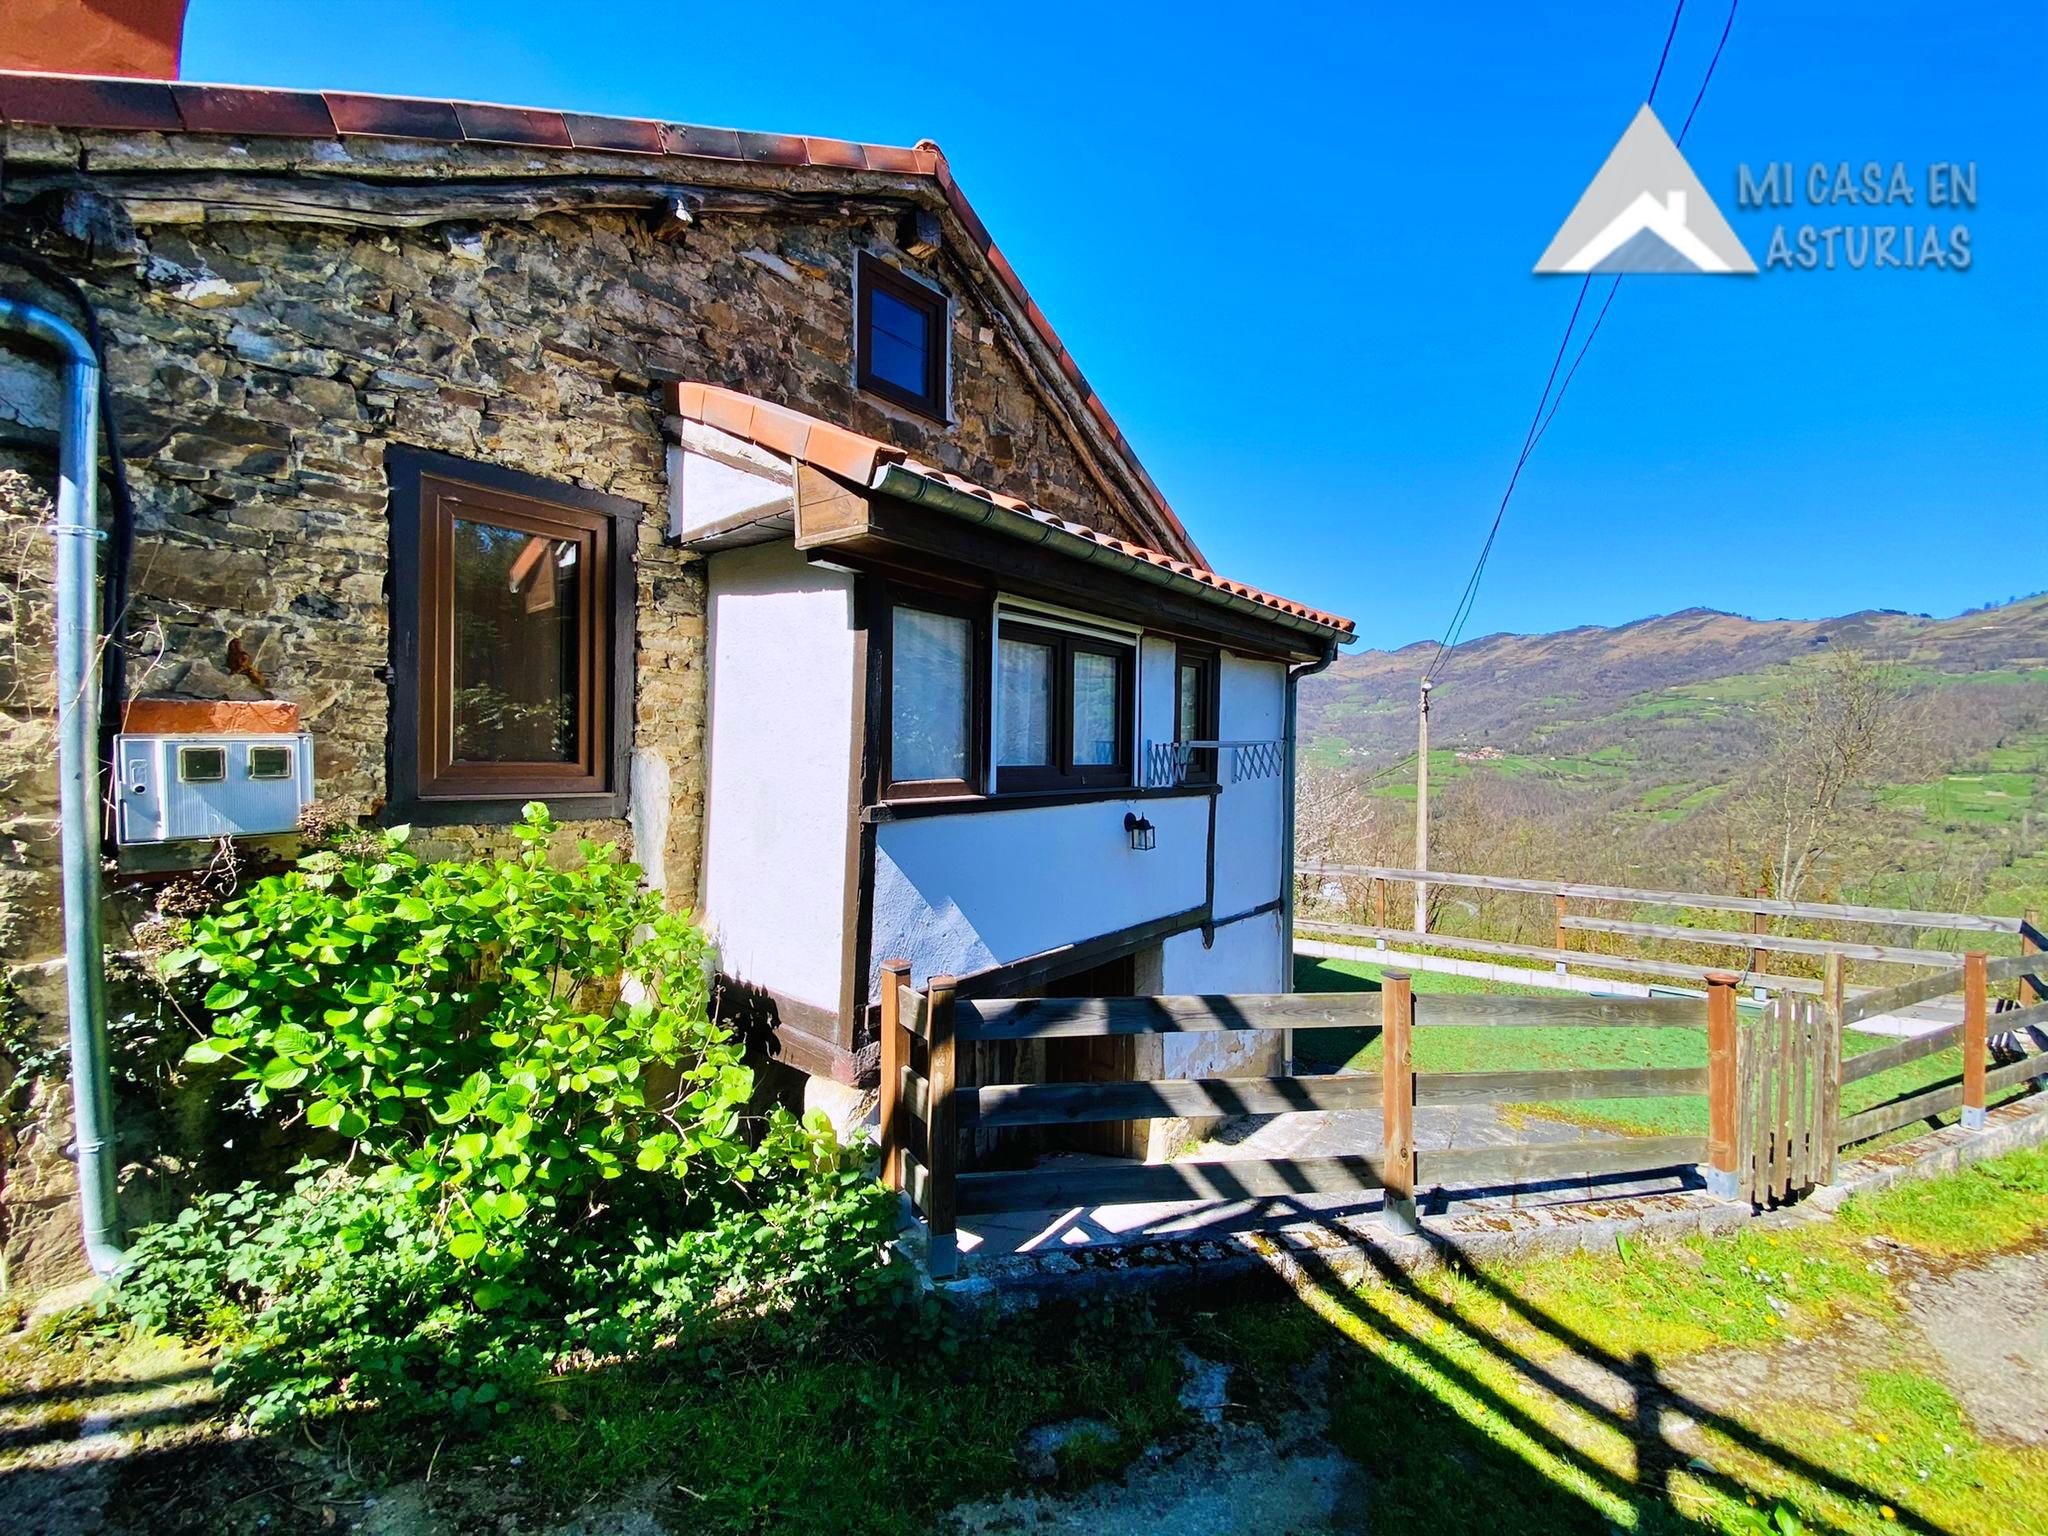 Venta de Casa Reformada en el Pueblo de Pinedo, Aller. Asturias.